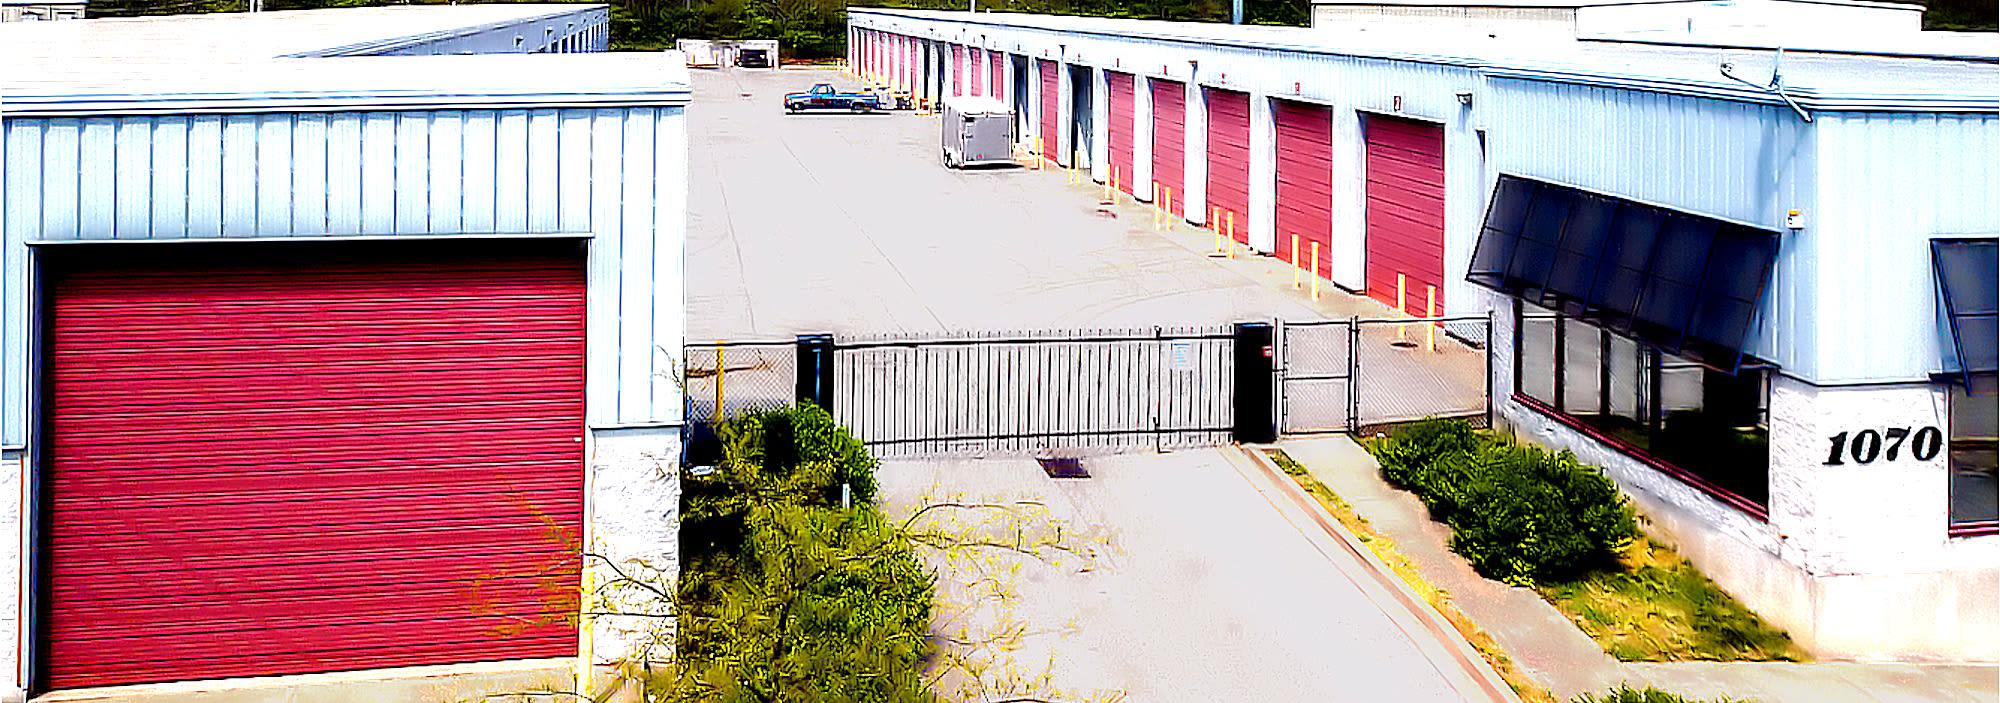 Superior Safe Storage In Nicholasville, KY